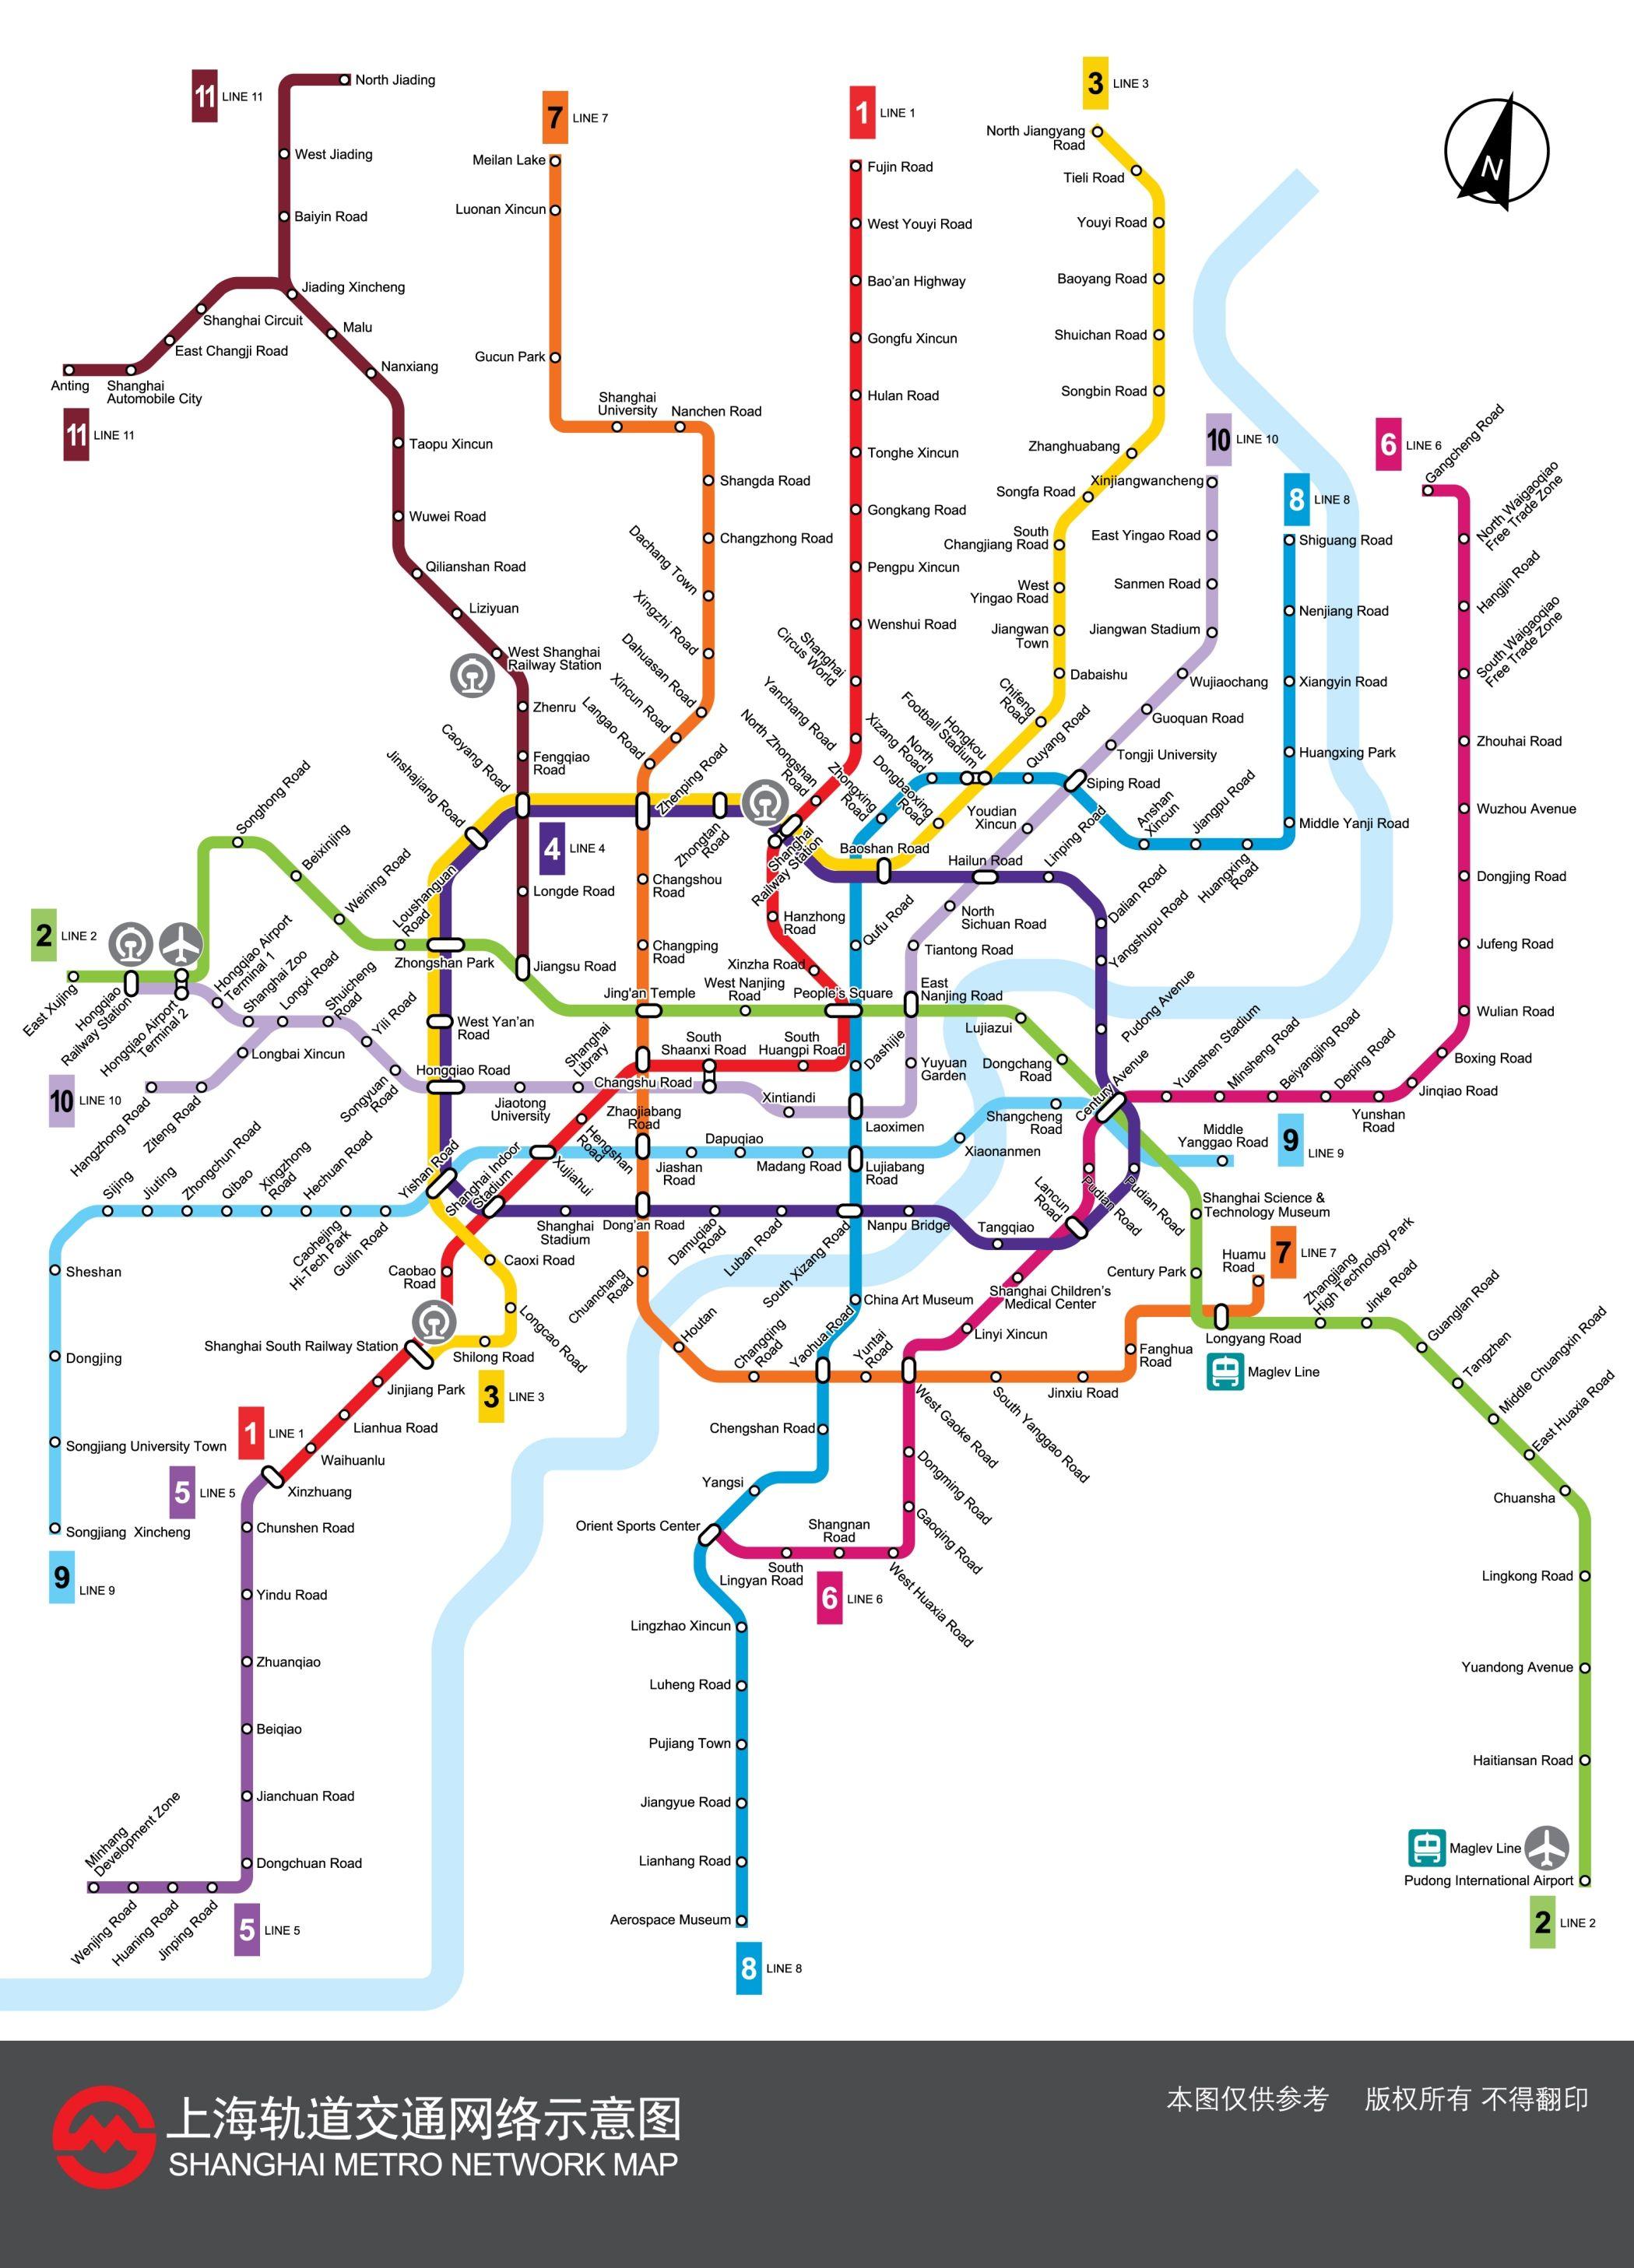 Aquí se ve la imagen de un ejemplo de La Línea, en el que se ve un mapa de direcciones de trenes subterráneos.